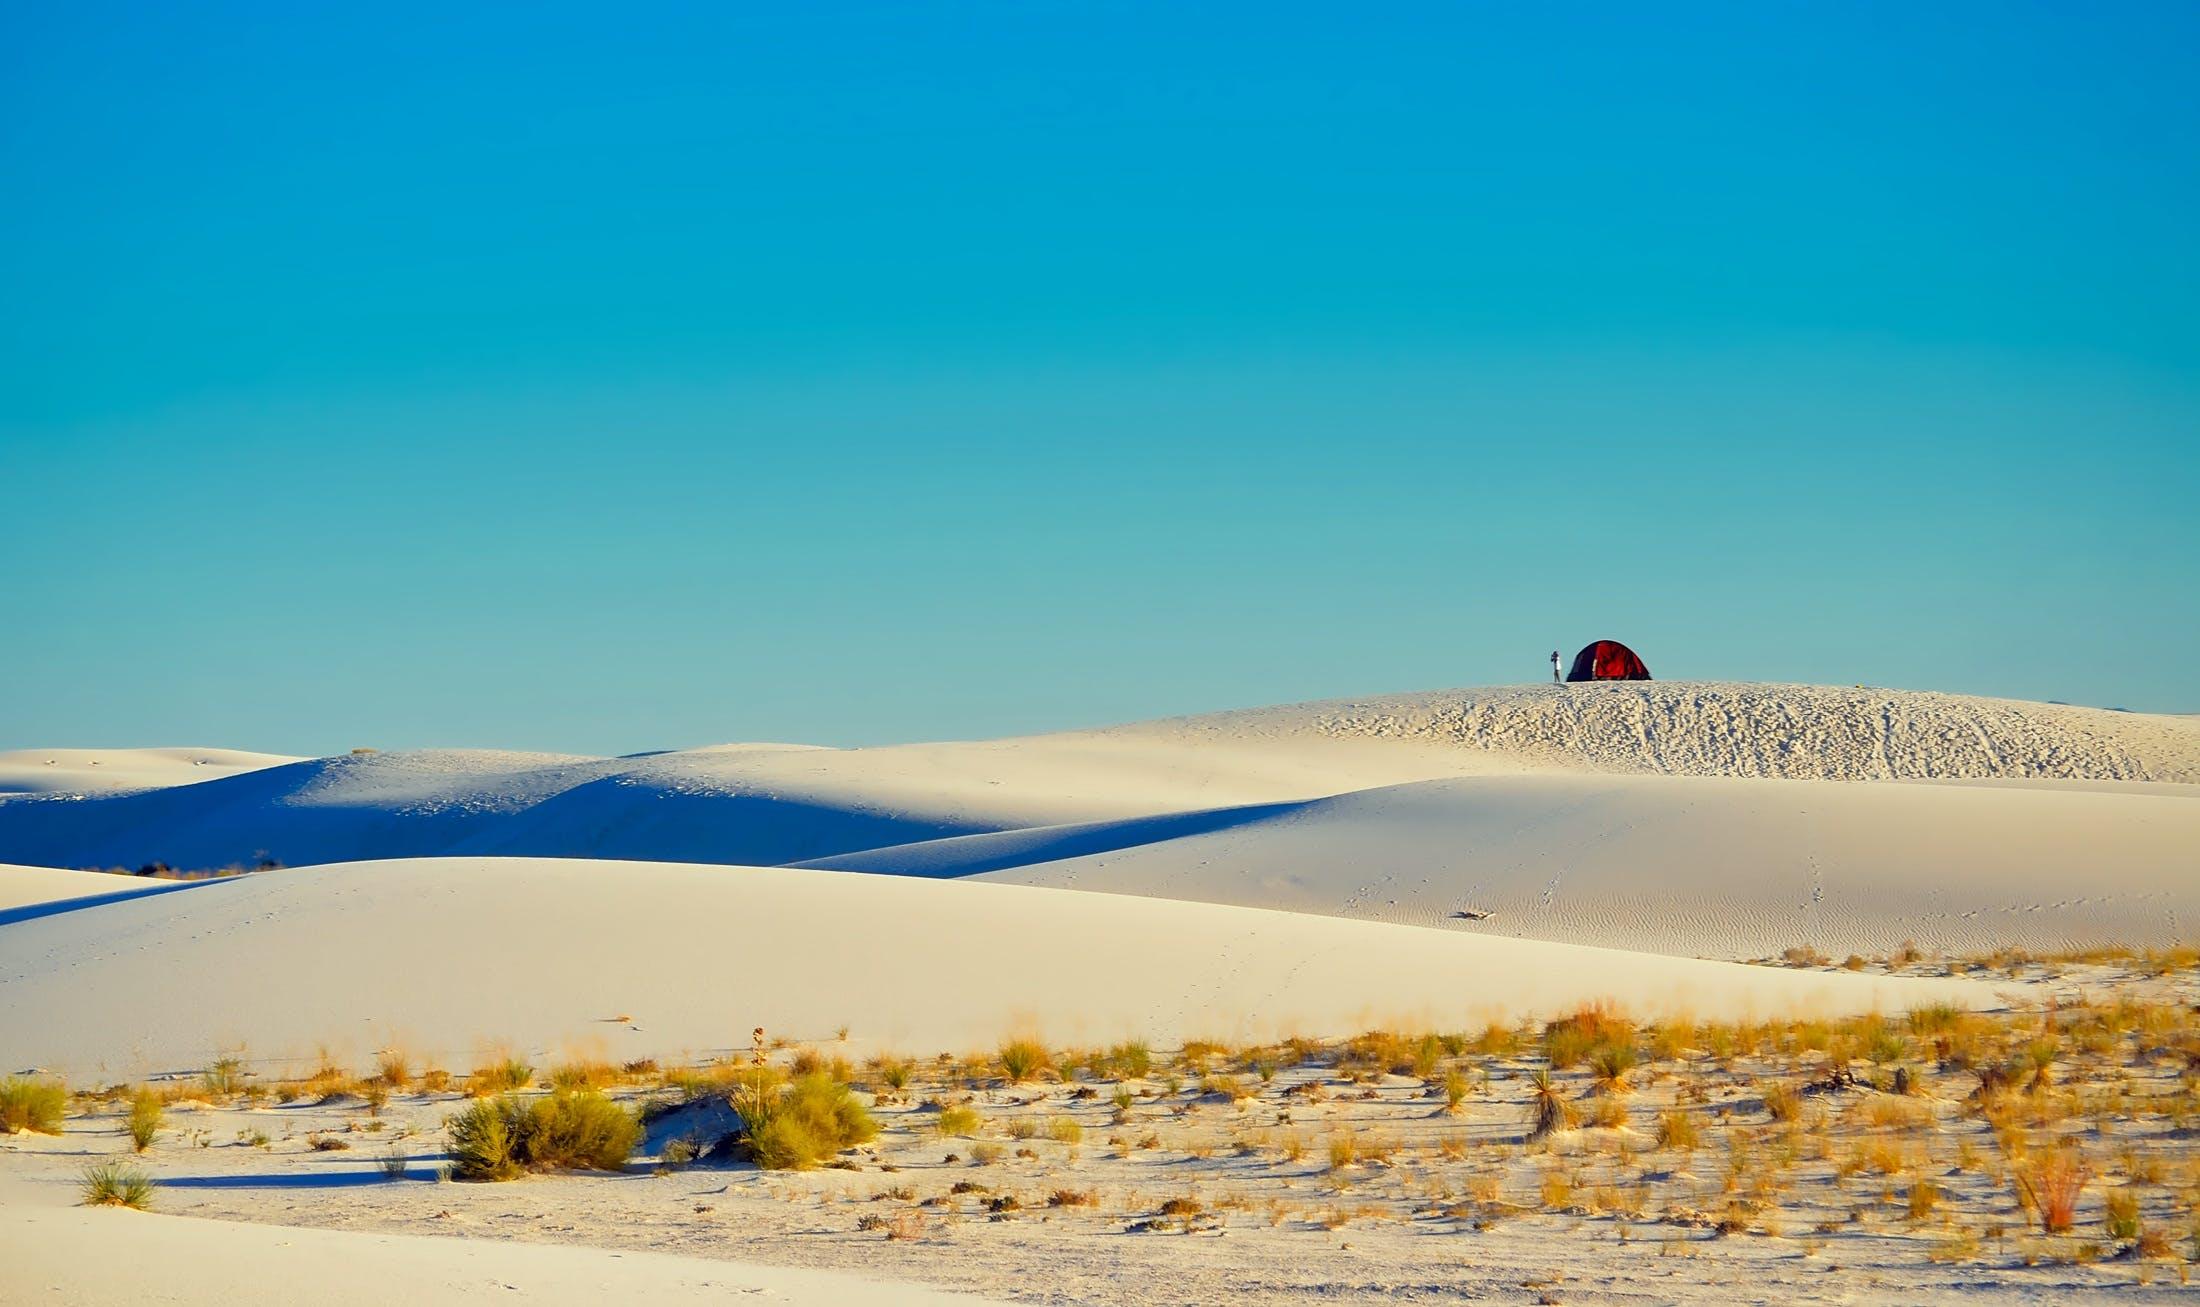 Fotos de stock gratuitas de acampada, acampar, arena, atracciones